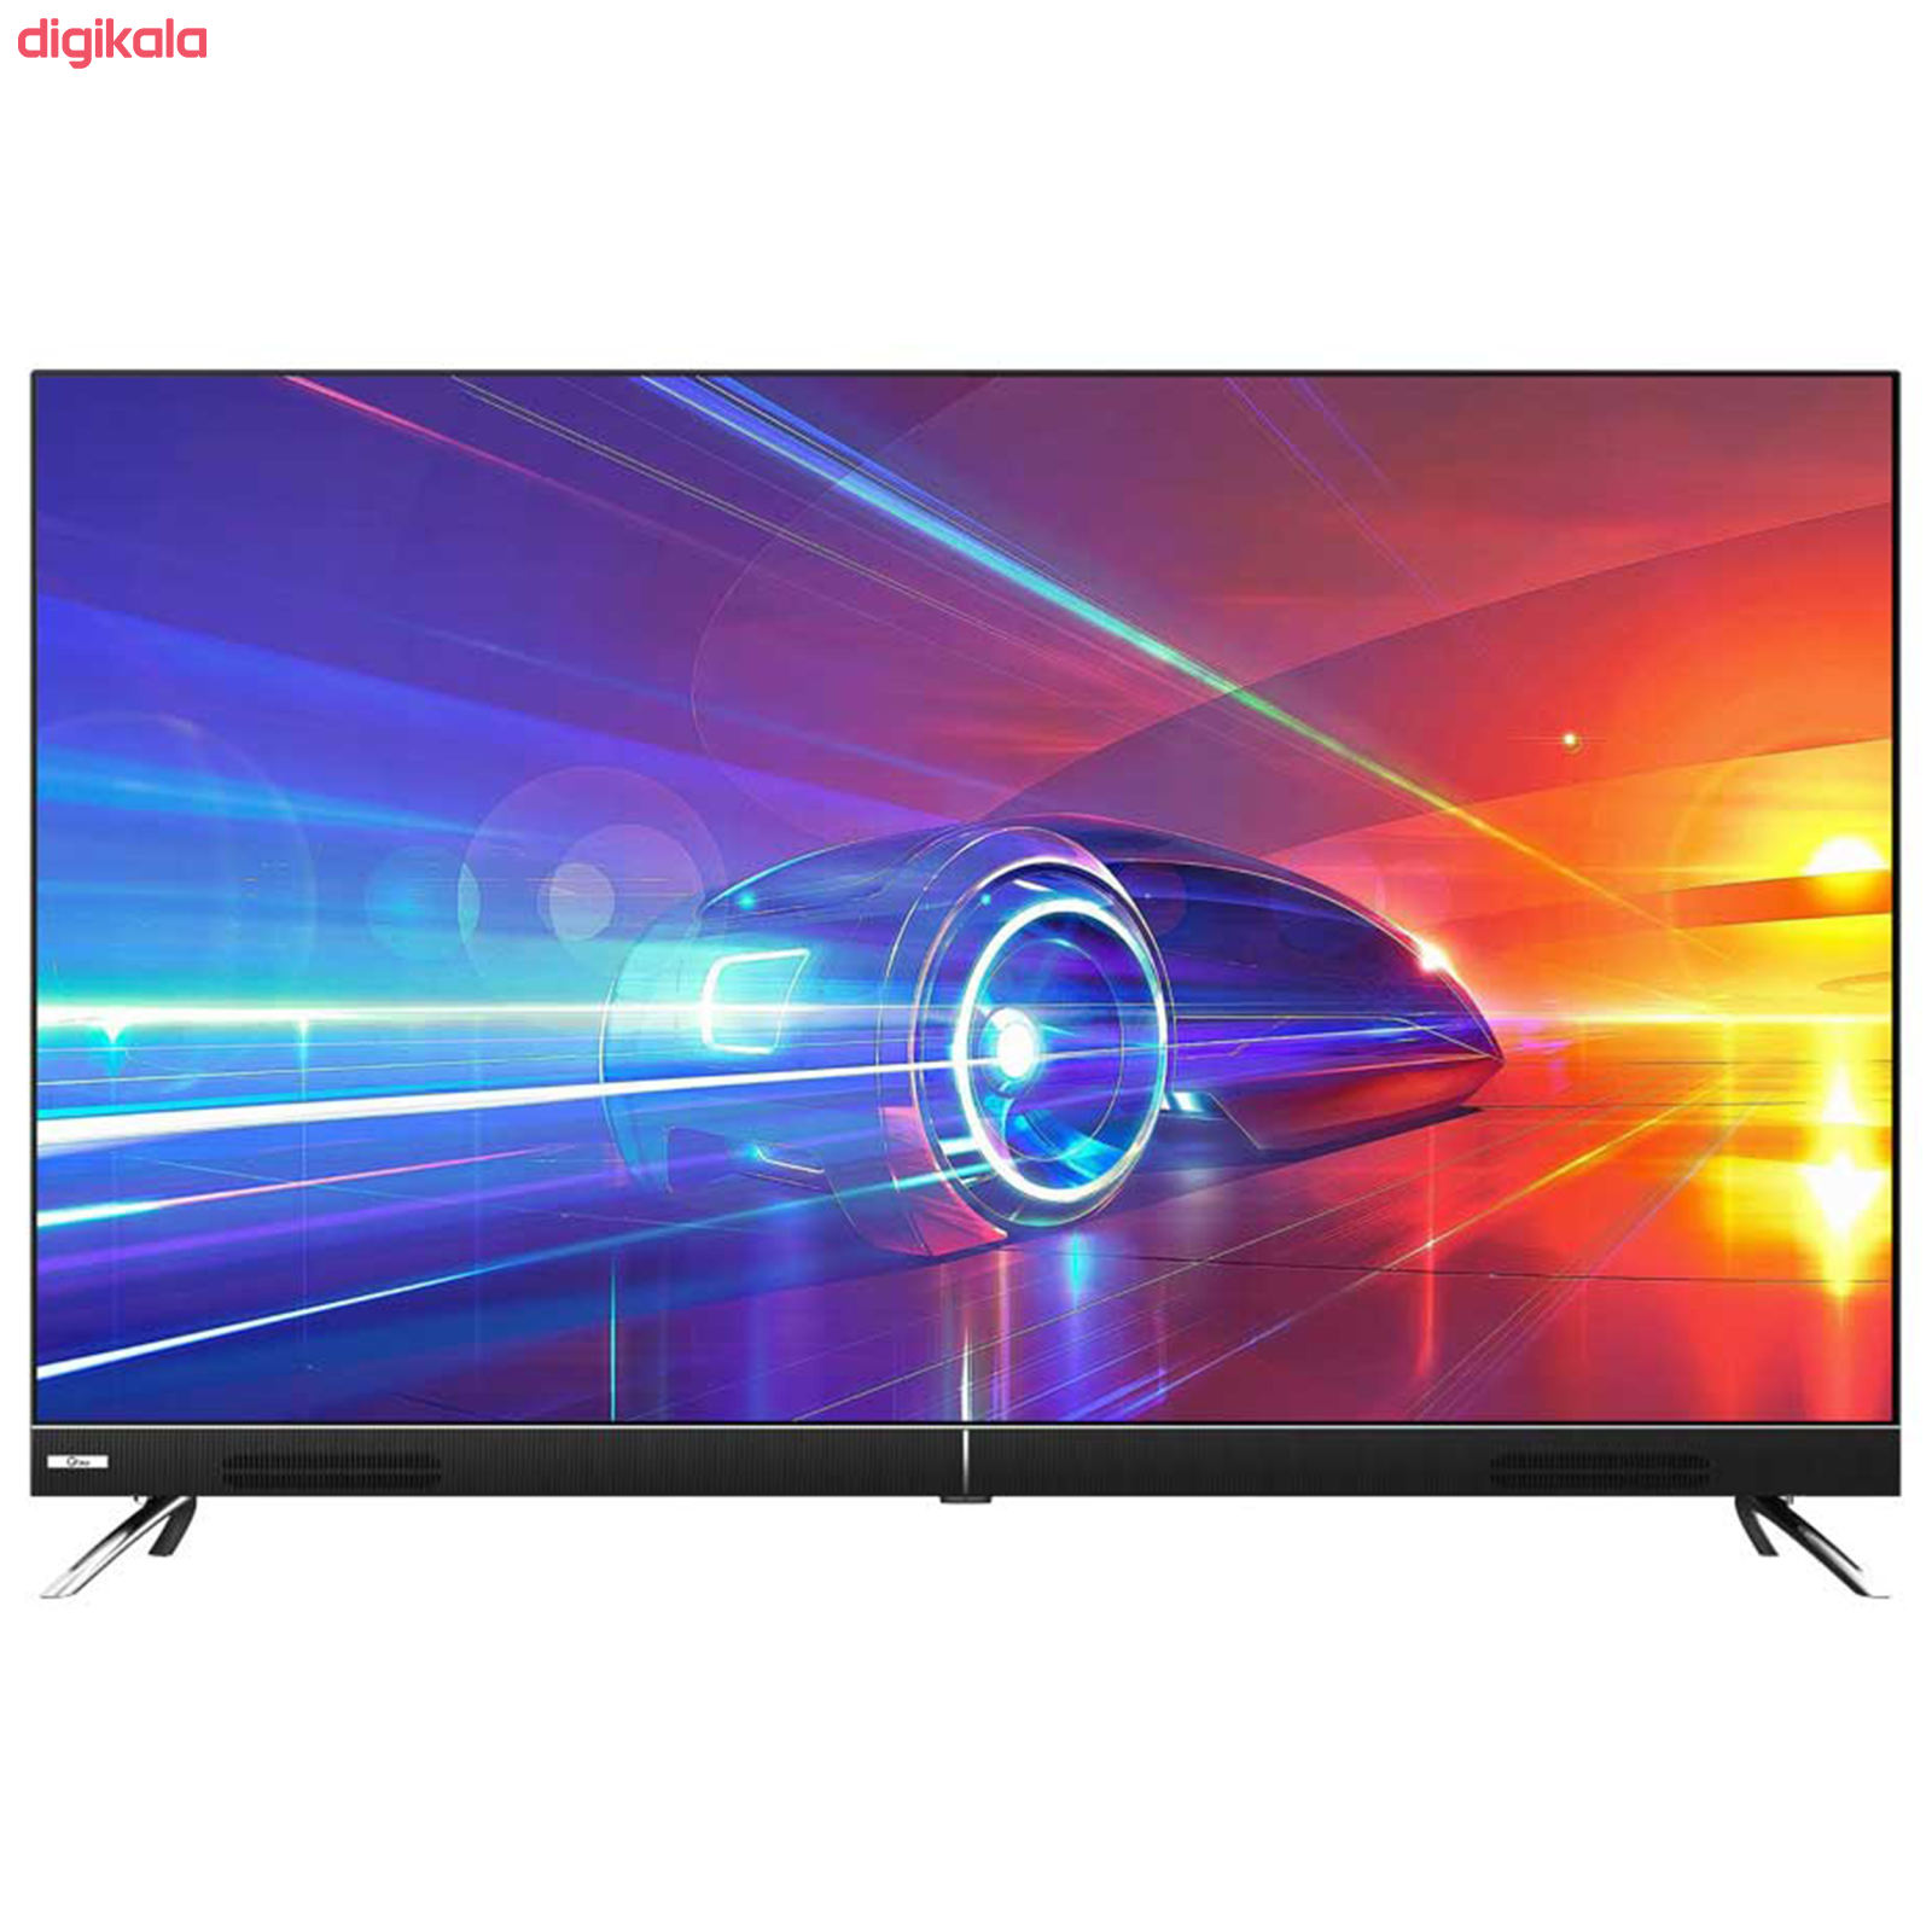 تلویزیون ال ای دی هوشمند جی پلاس مدل GTV-50KU722S سایز 50 اینچ main 1 1